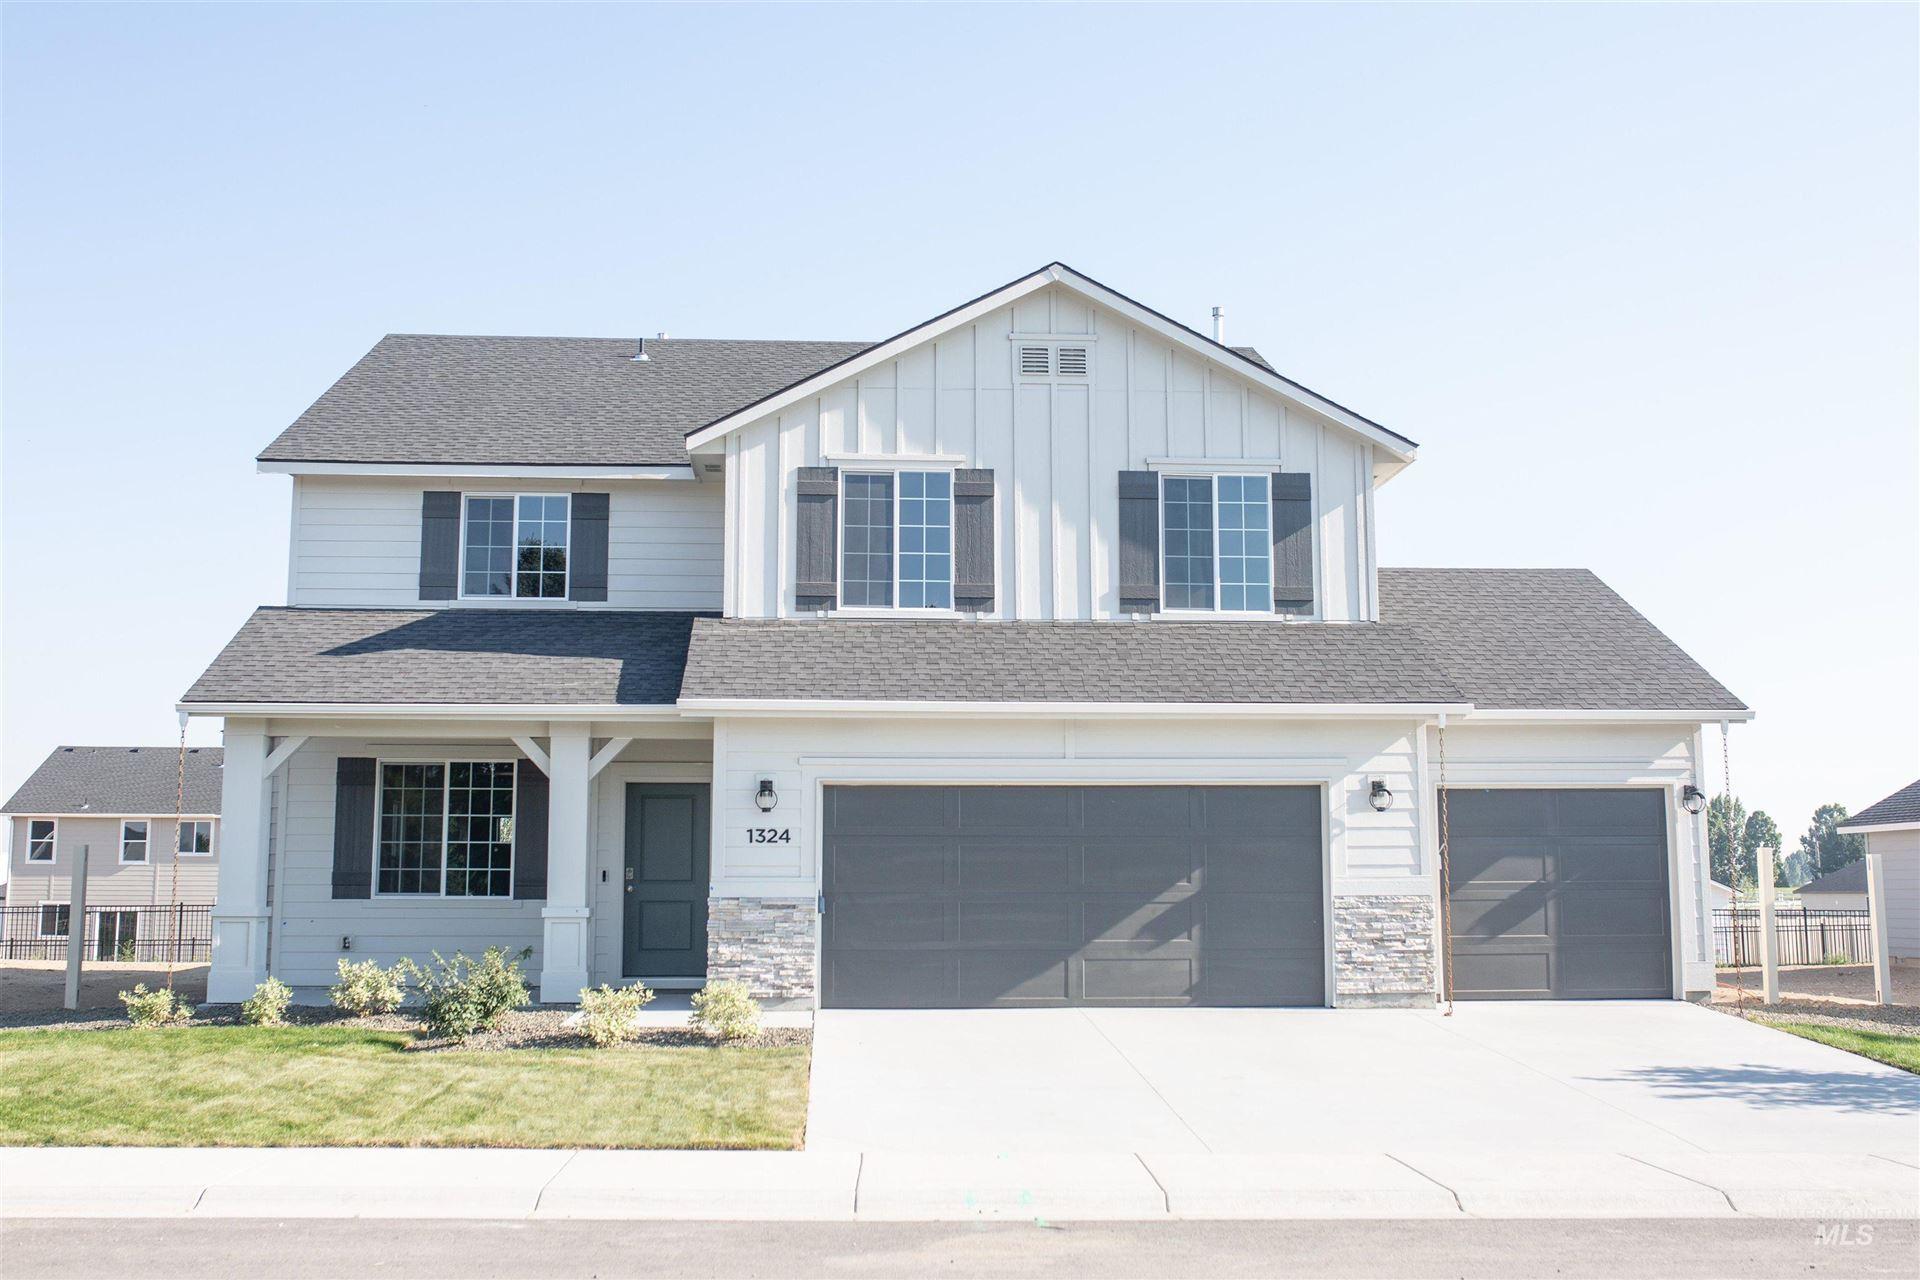 1324 W Treehouse St, Kuna, ID 83634 - MLS#: 98808992